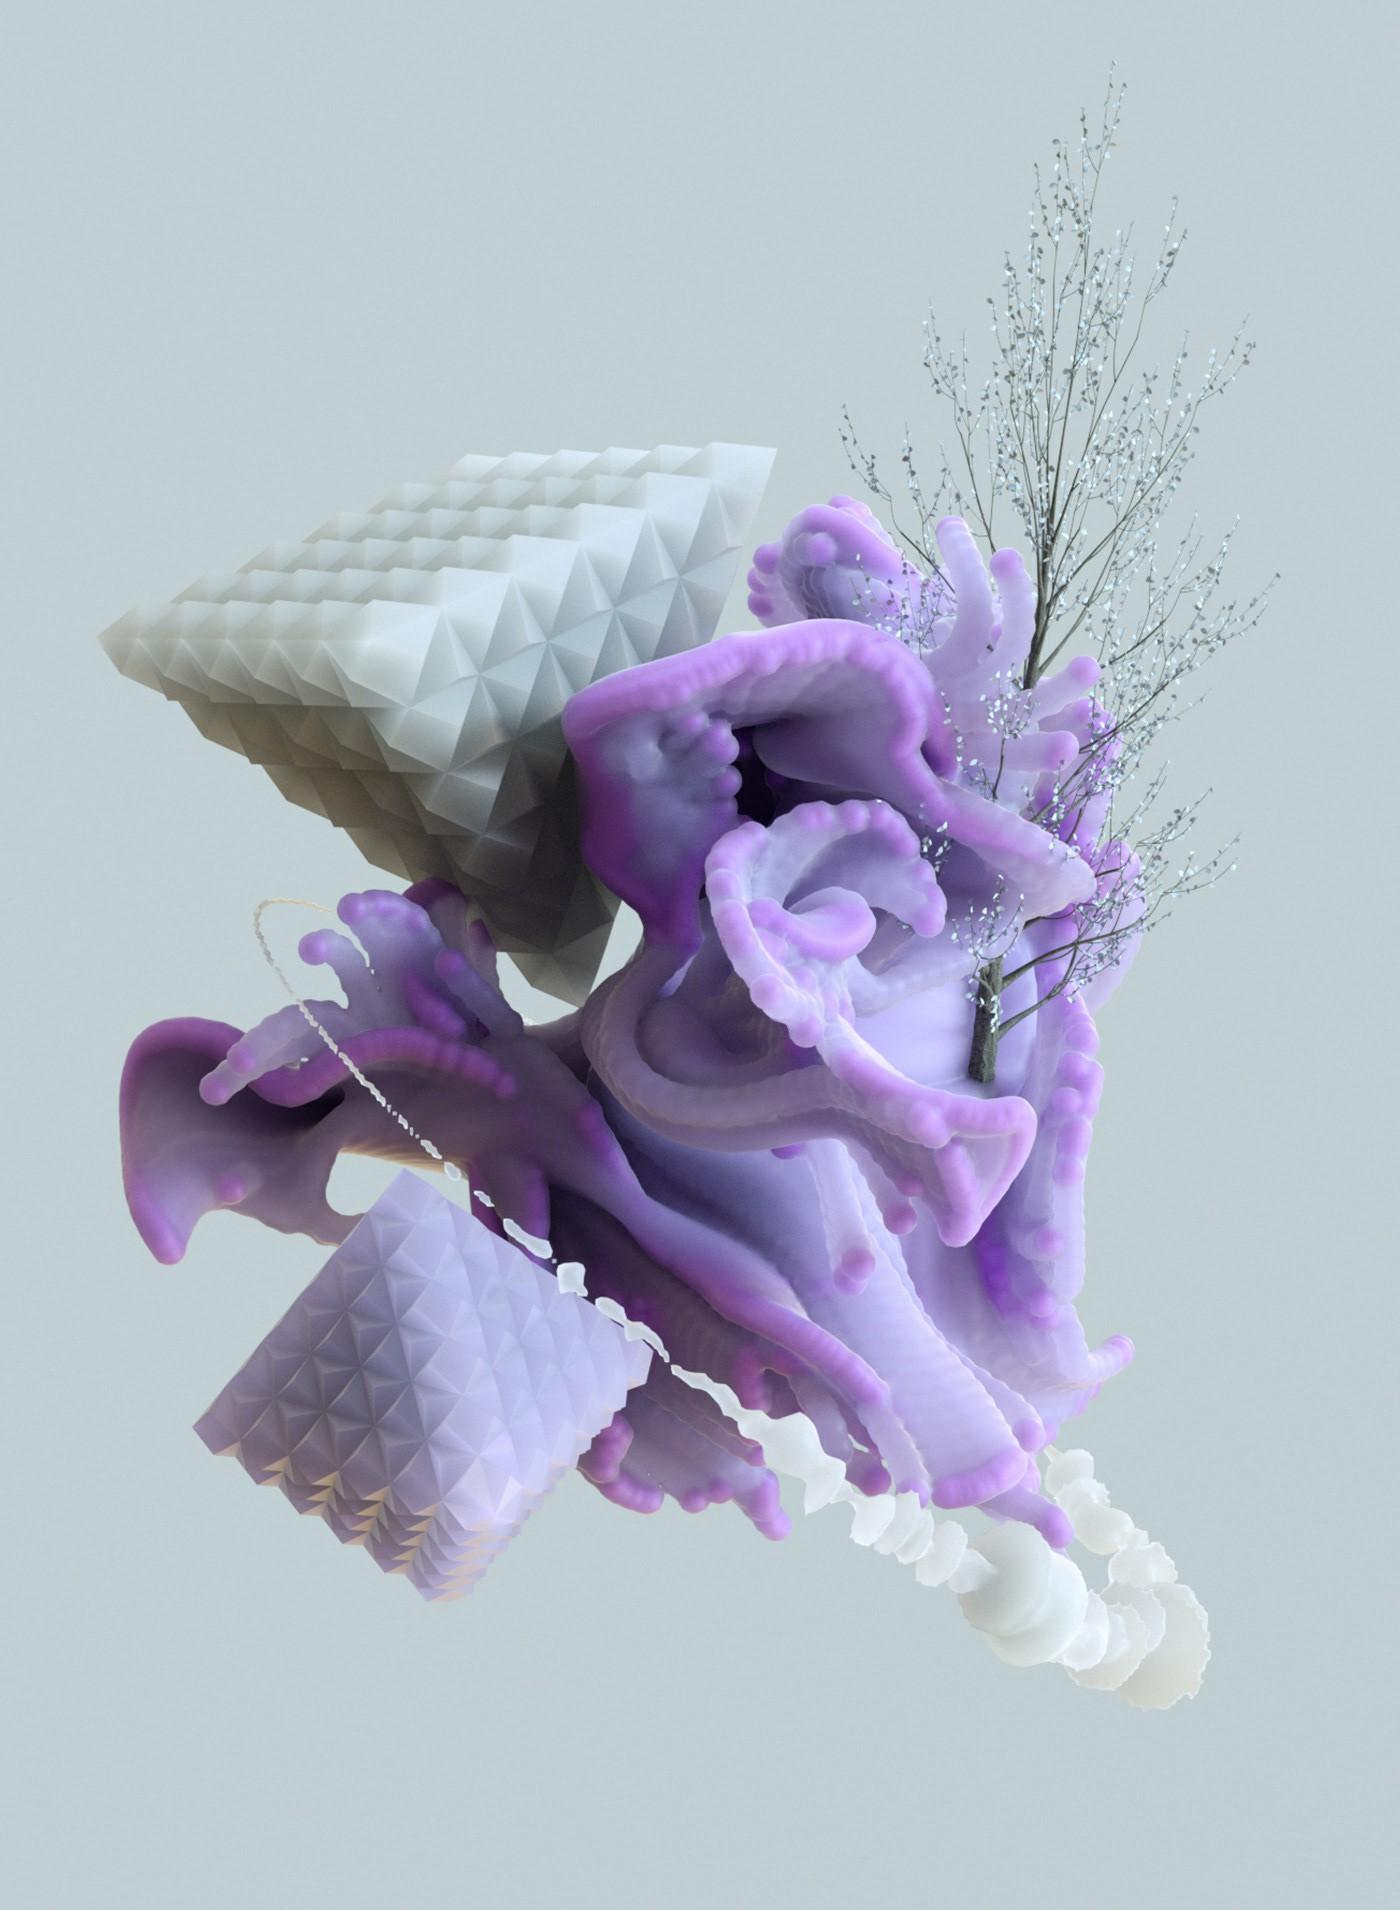 C4D单帧场景样张参考-2-柠檬CG视觉